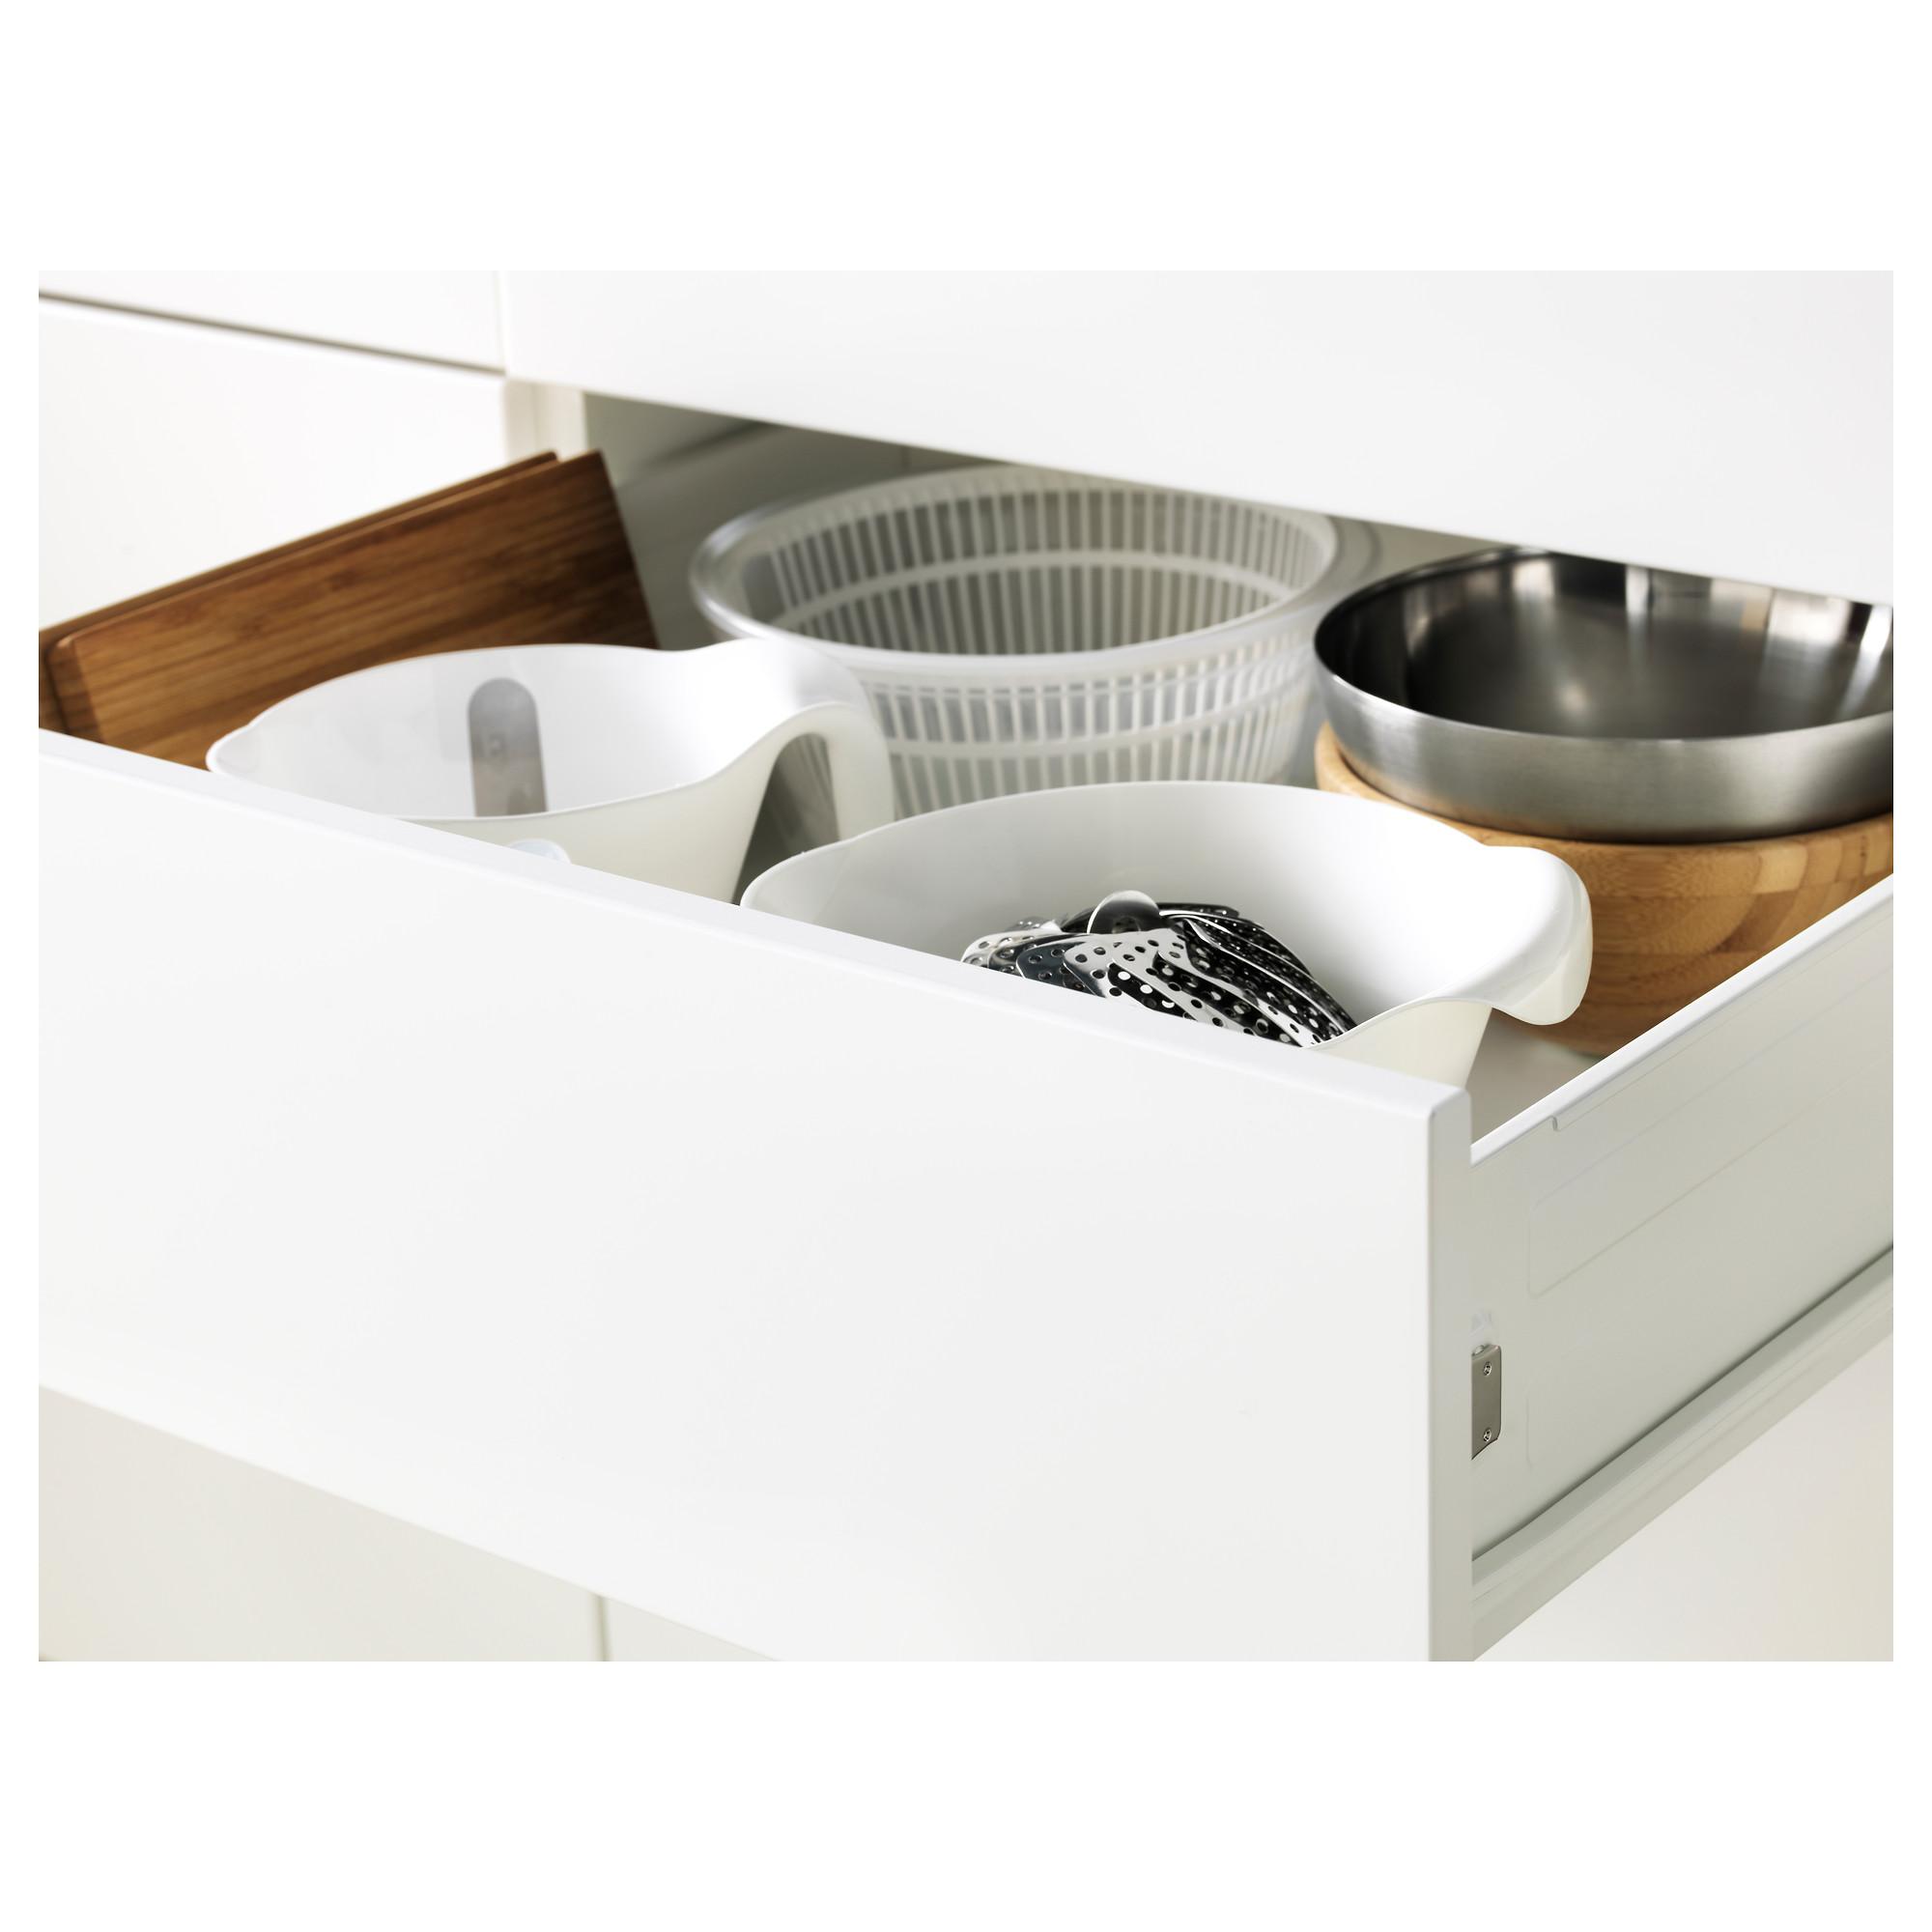 Высокий шкаф для духовки/СВЧ дверца, 3 ящика МЕТОД / ФОРВАРА черный артикуль № 392.674.42 в наличии. Онлайн магазин IKEA Минск. Быстрая доставка и соборка.